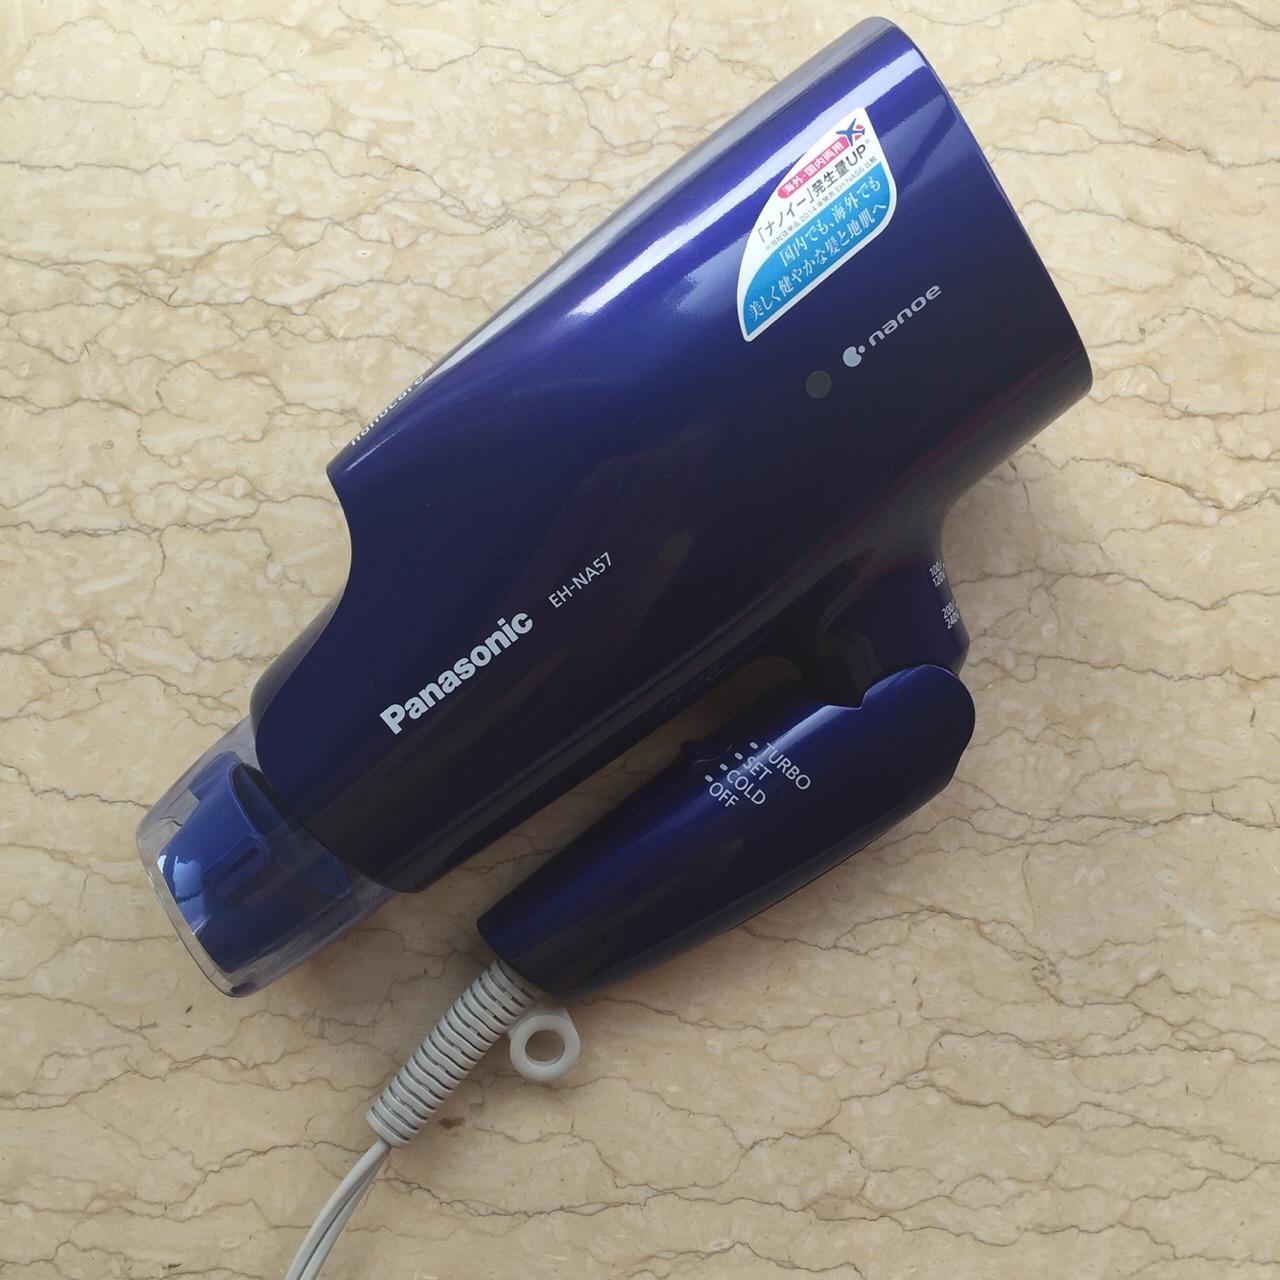 松下美容仪器怎么样,松下电吹风怎么样,家用电器,吹风机